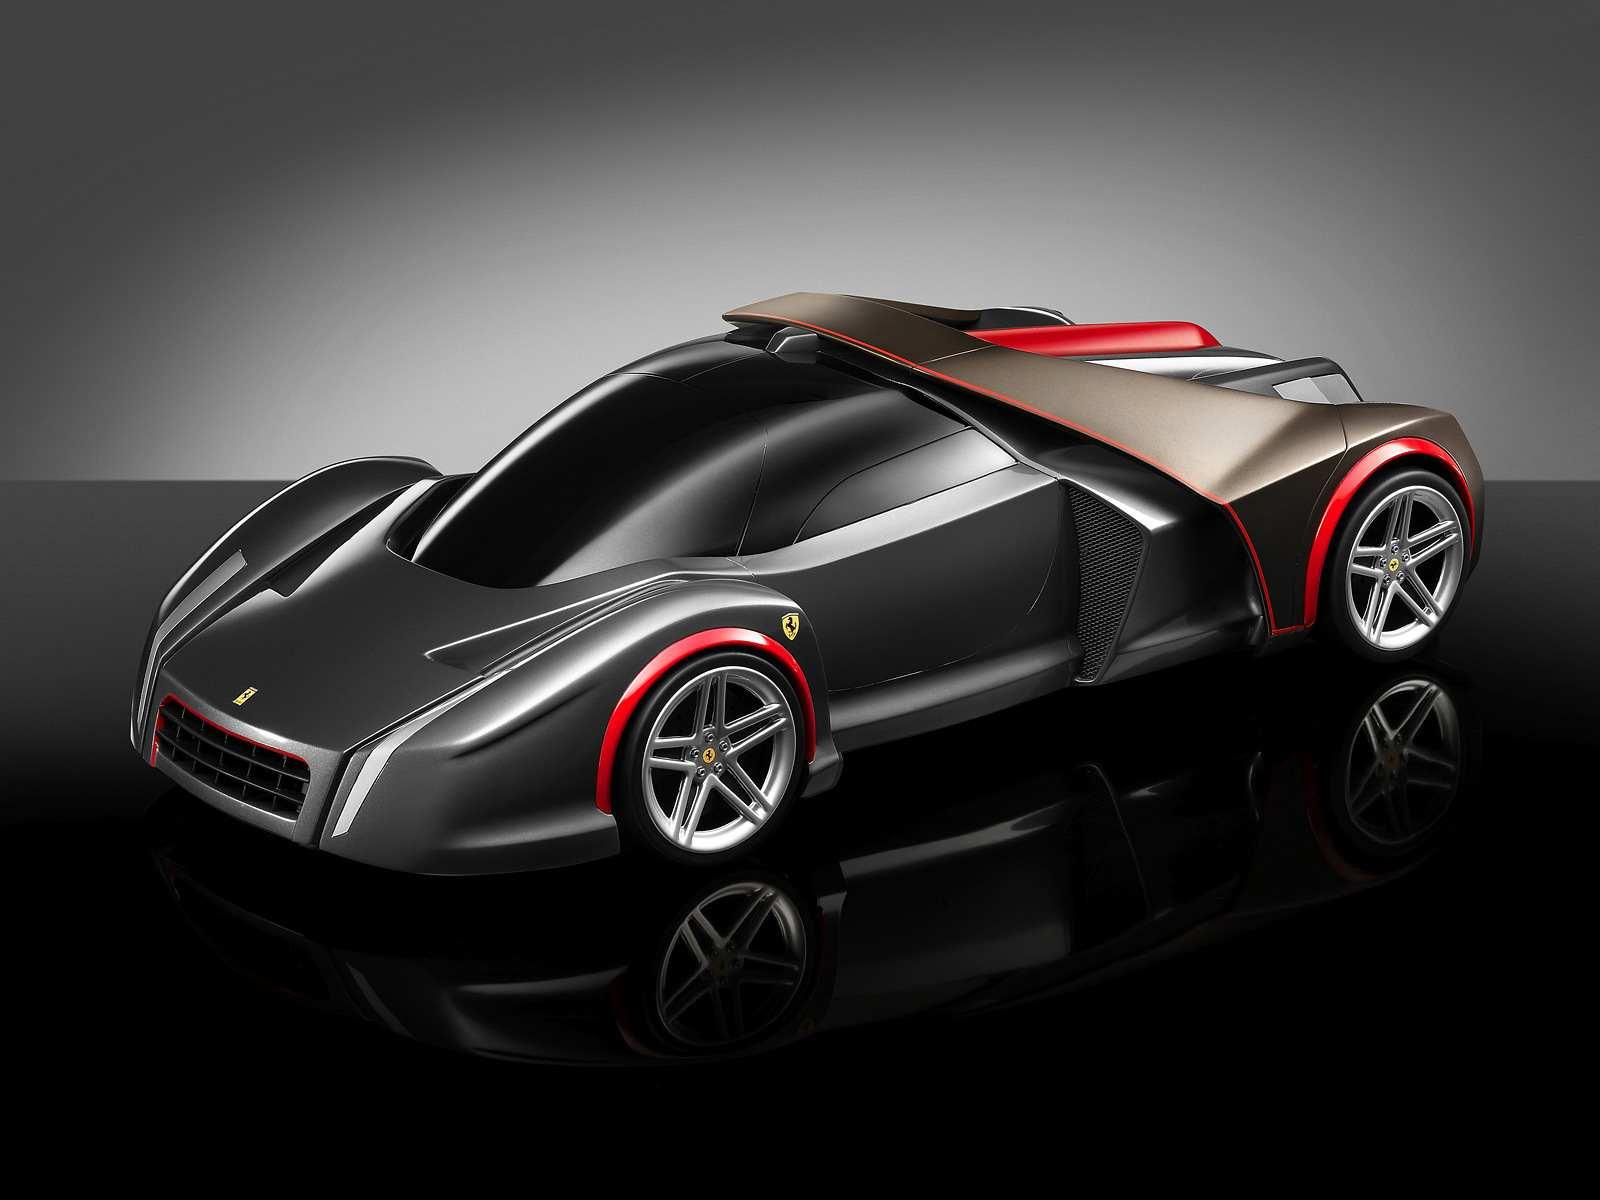 ferrari_concept_car_2